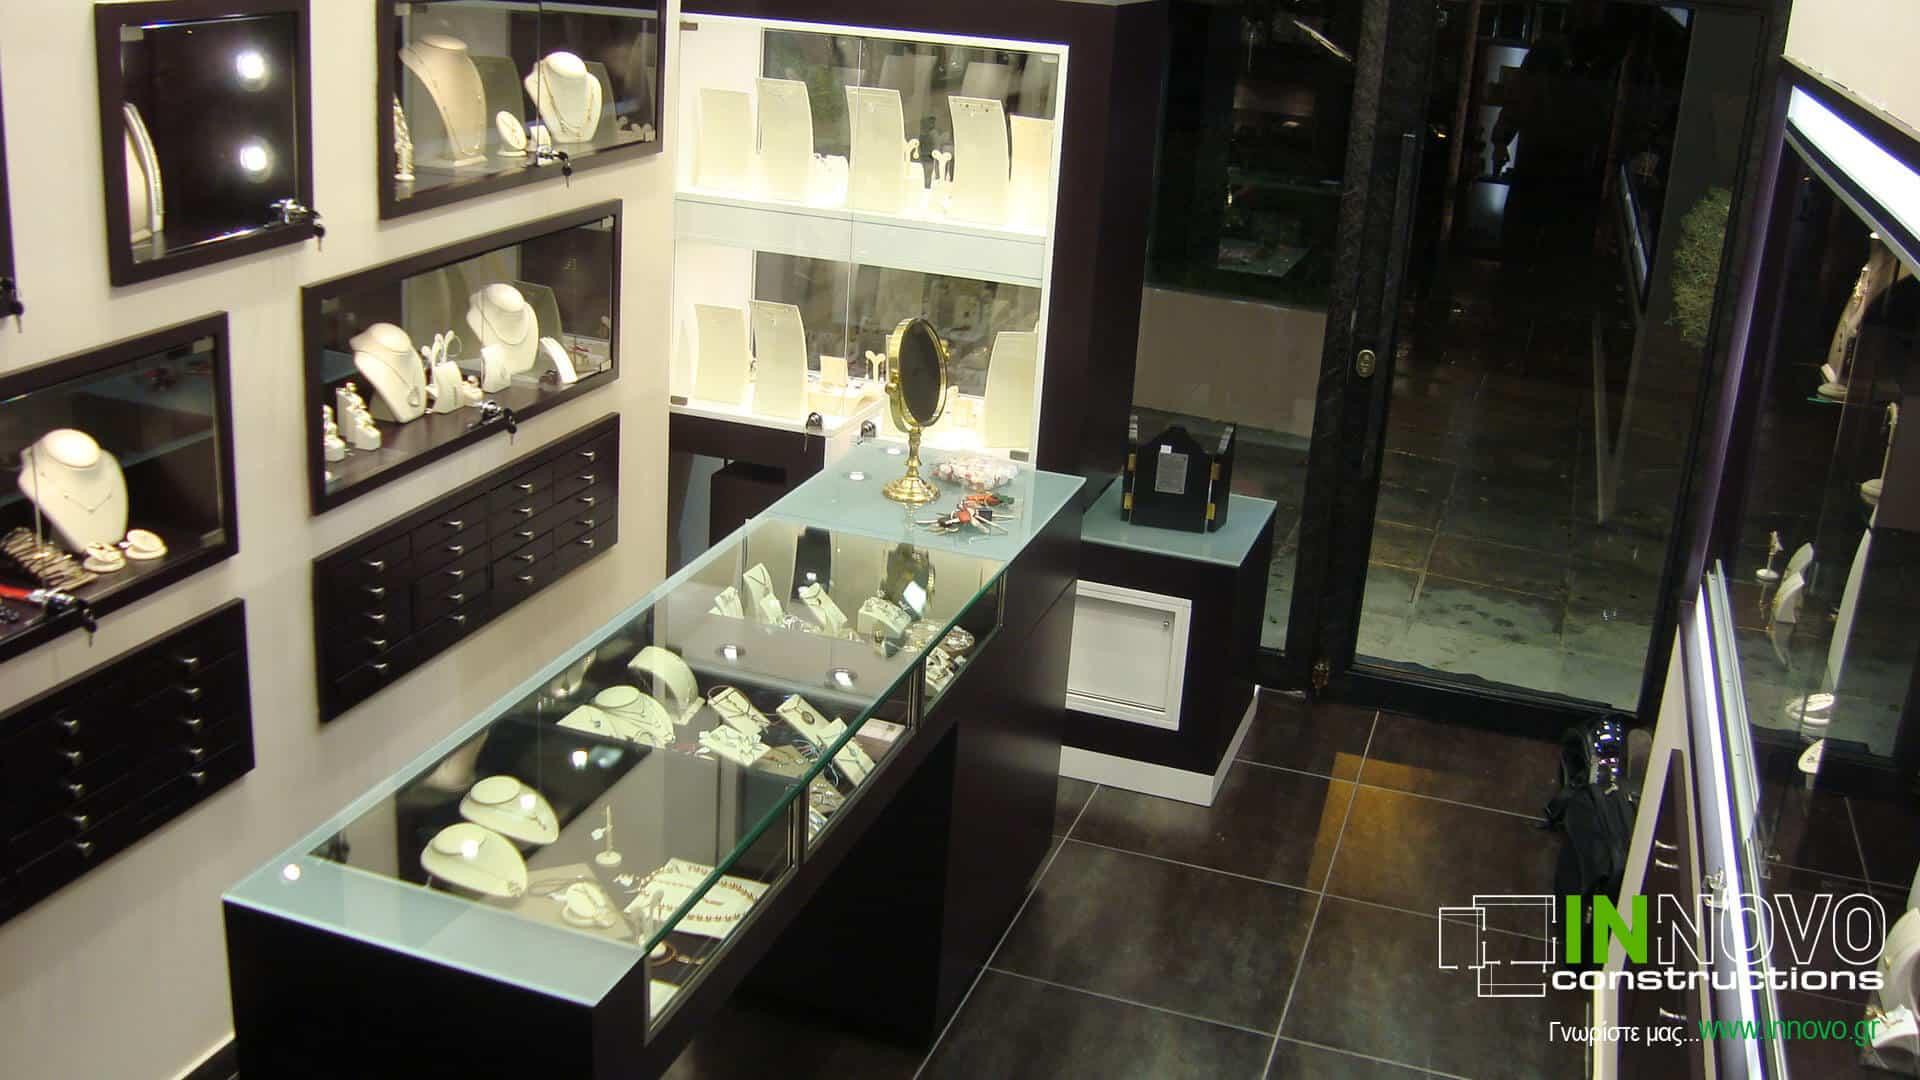 diakosmisi-kosmimatopoleiou-jewelry-design-kosmimatopoleio-kifisia-1075-9